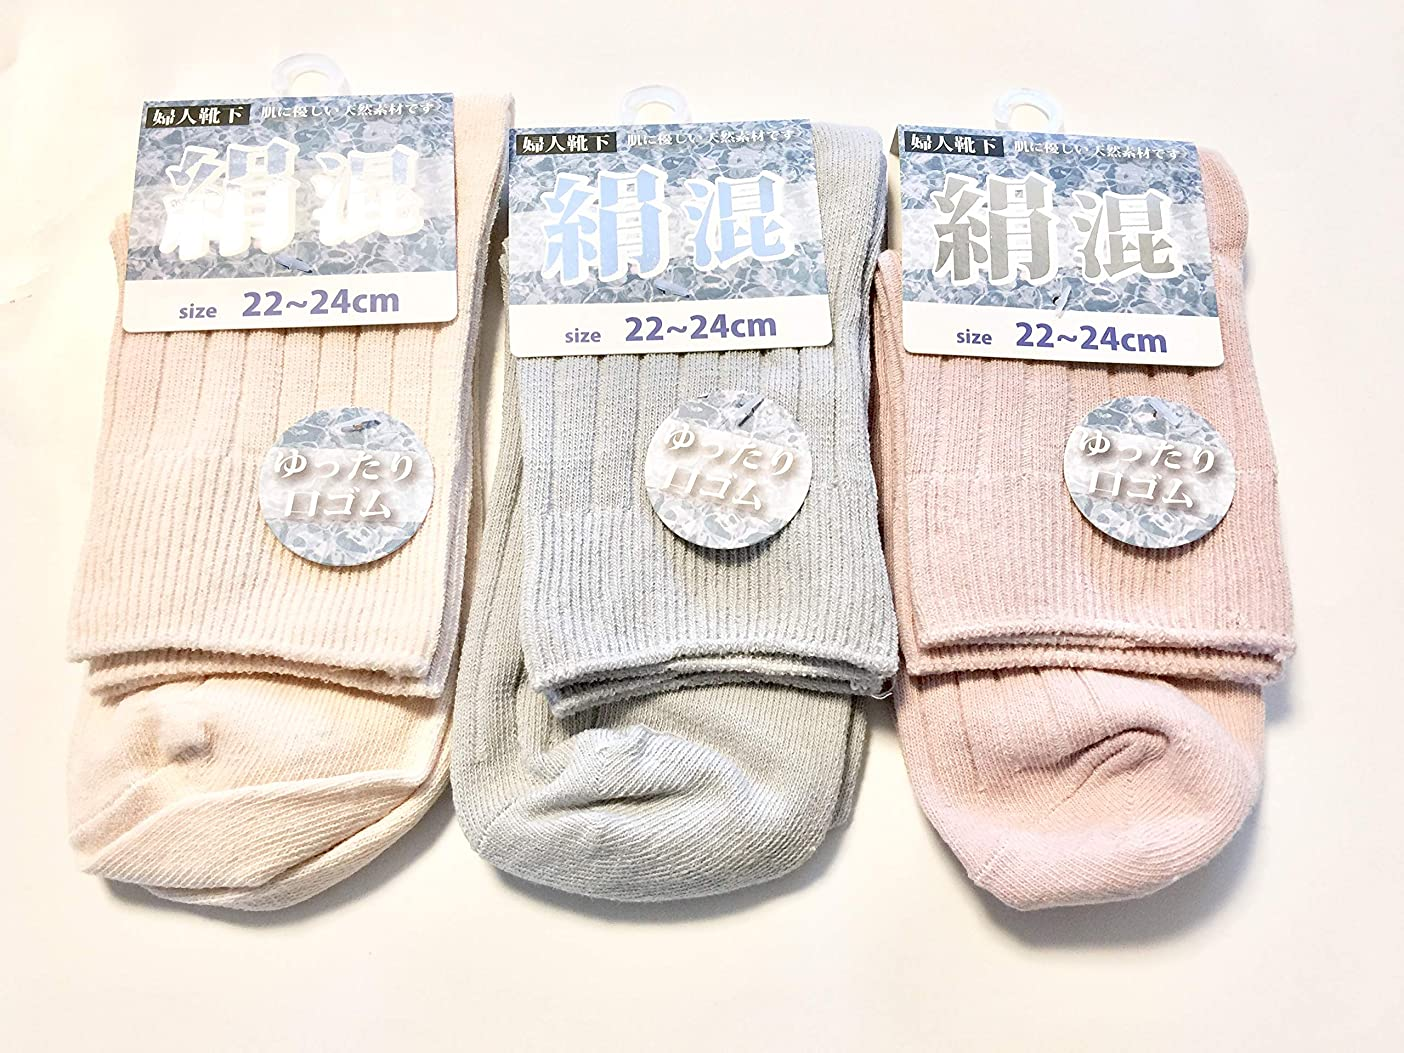 飛躍クロニクル擁する靴下 レディース シルク混 リンクスソックス 口ゴムゆったり 22-24cm 3足組(色はお任せ)